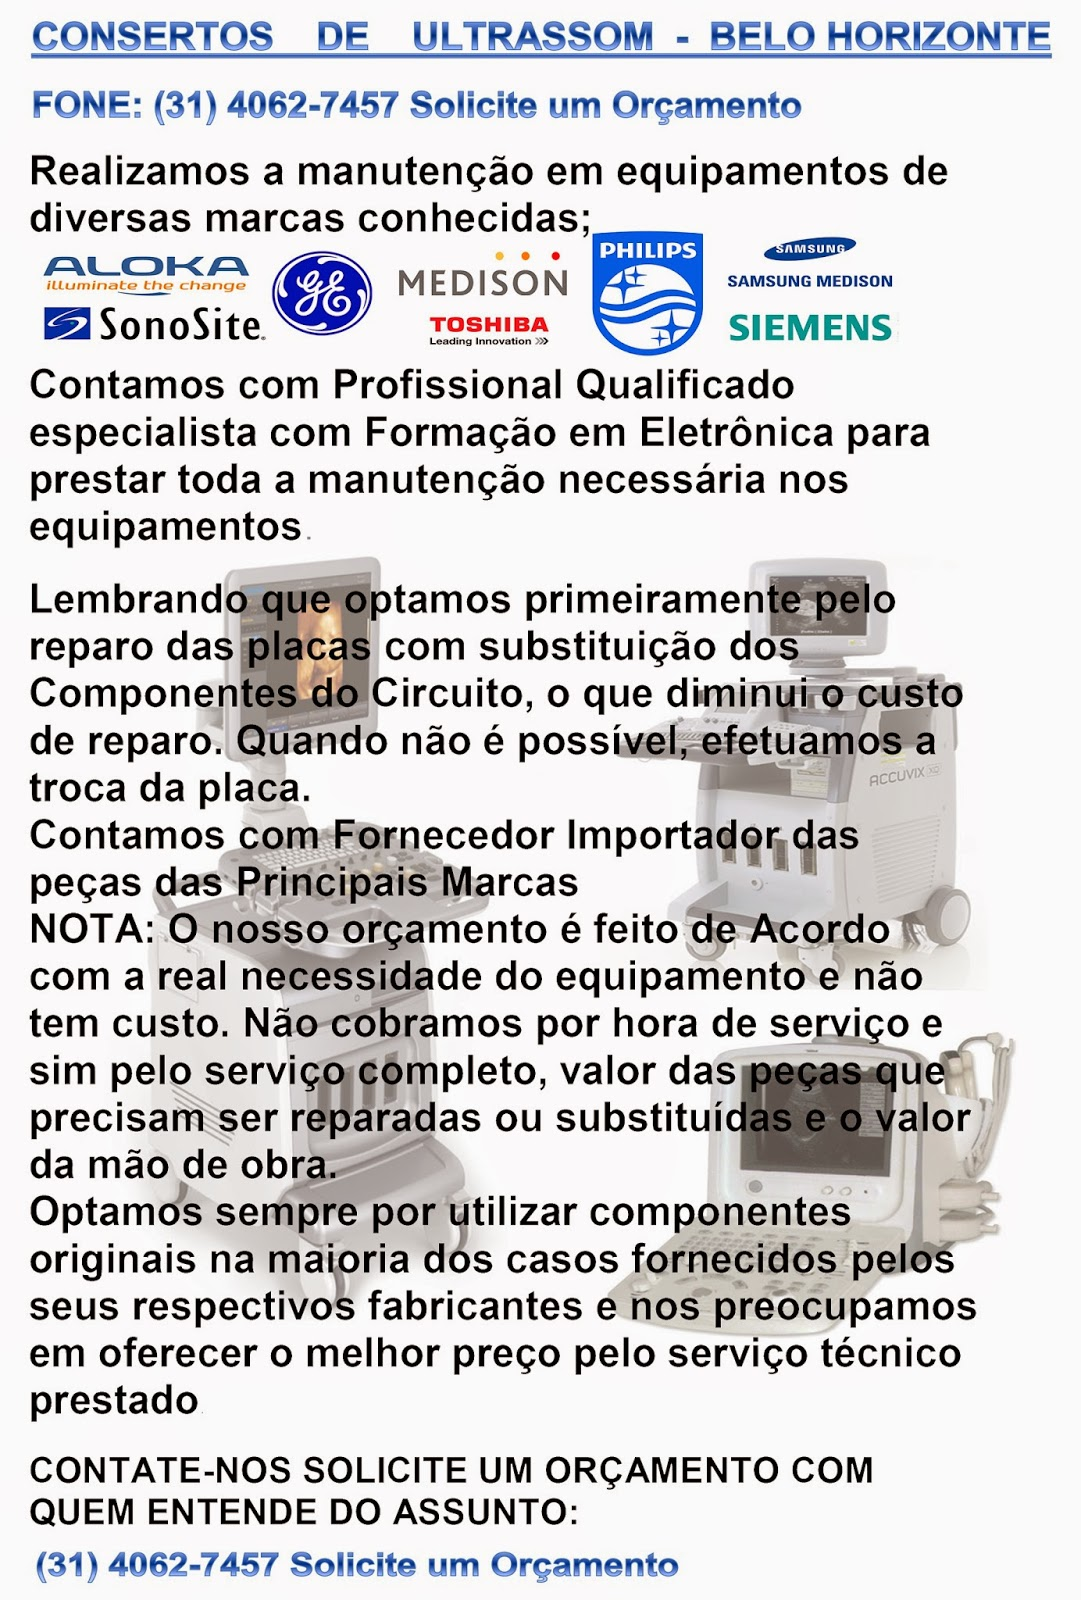 http://www.assistenciaultrassom.com.br